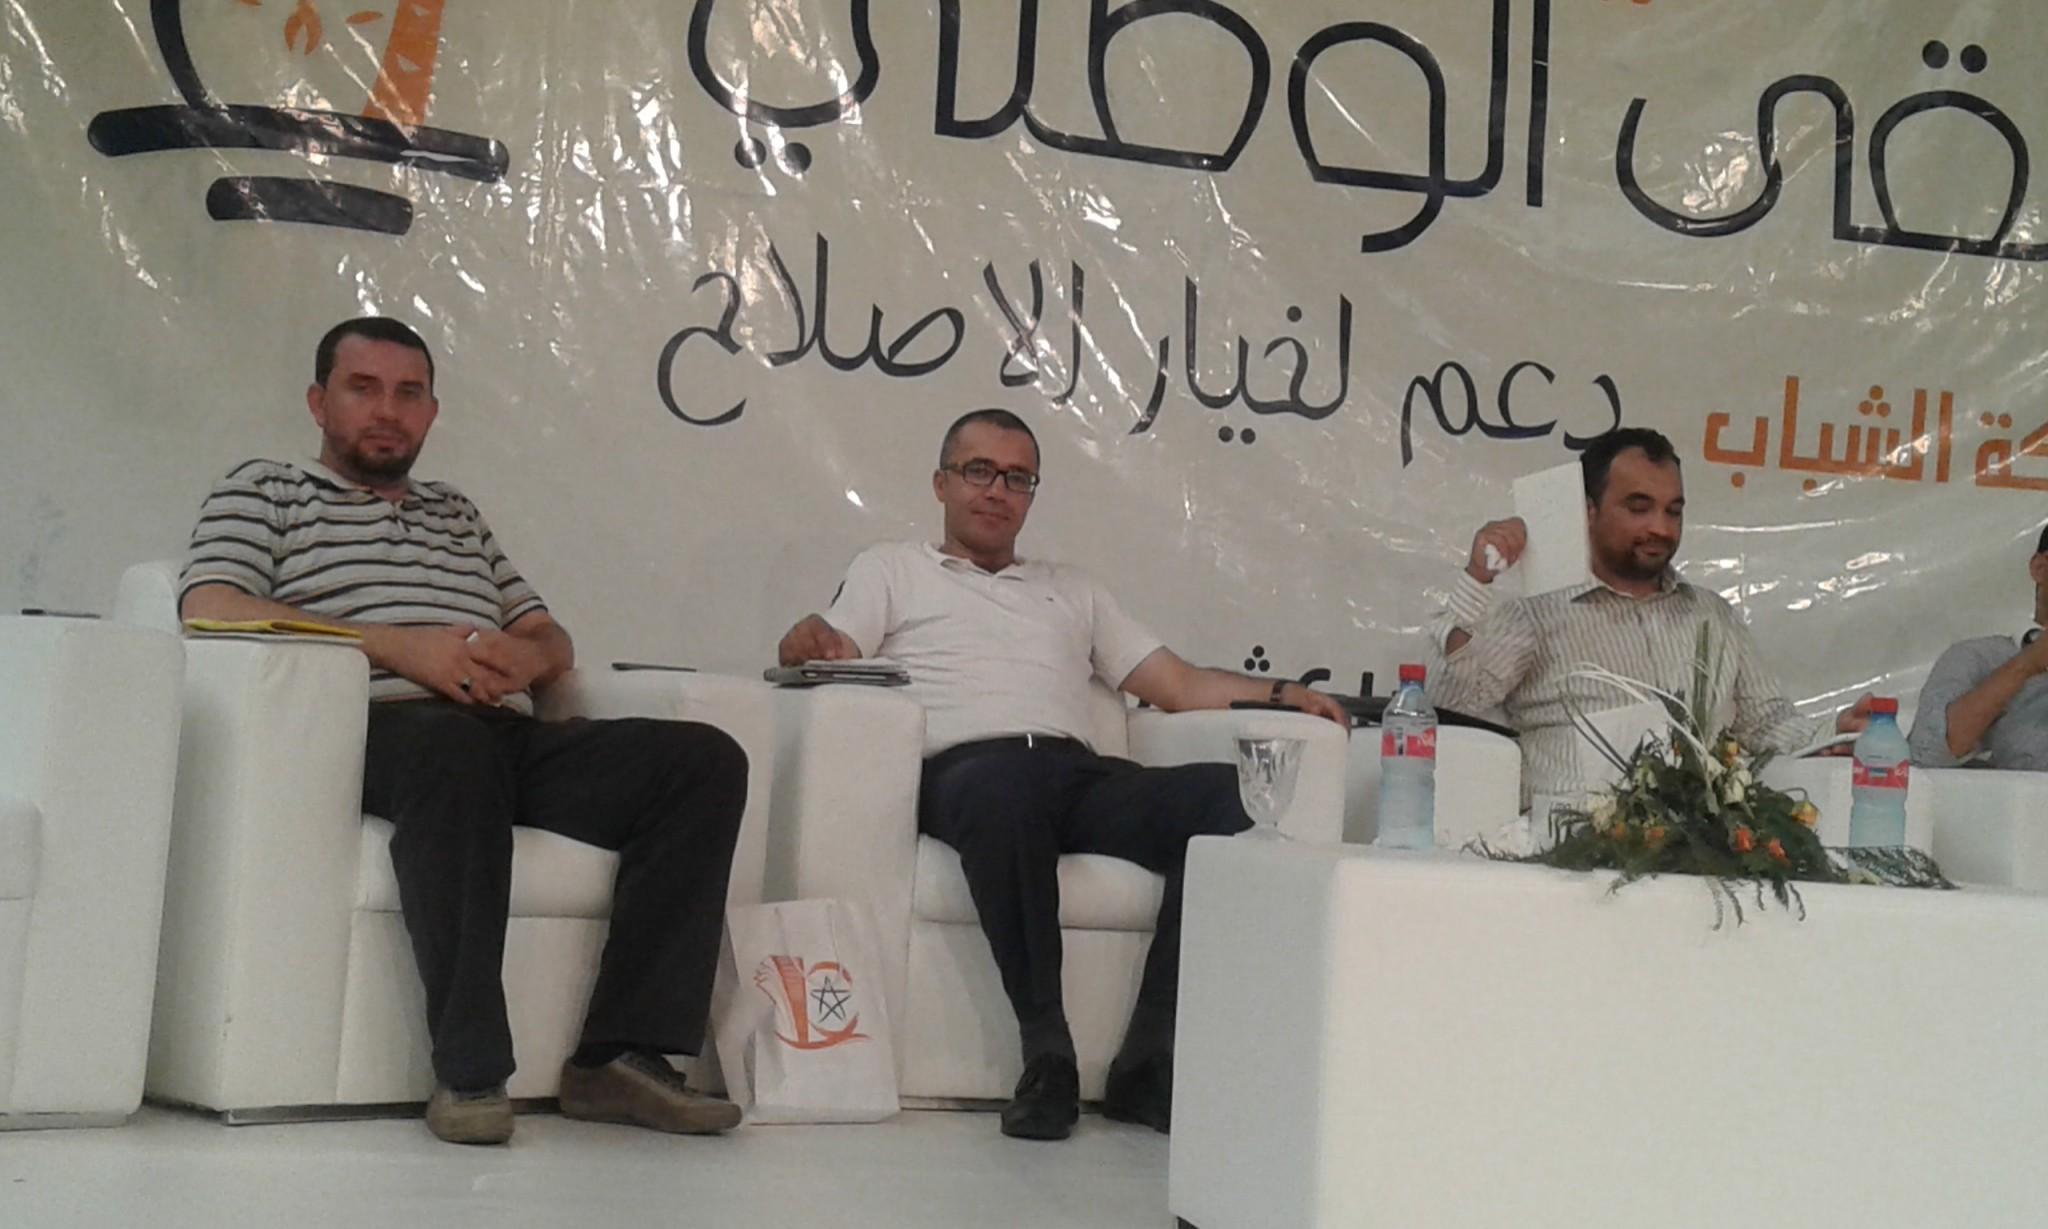 جبهة الشباب و التغيير الجزائري: